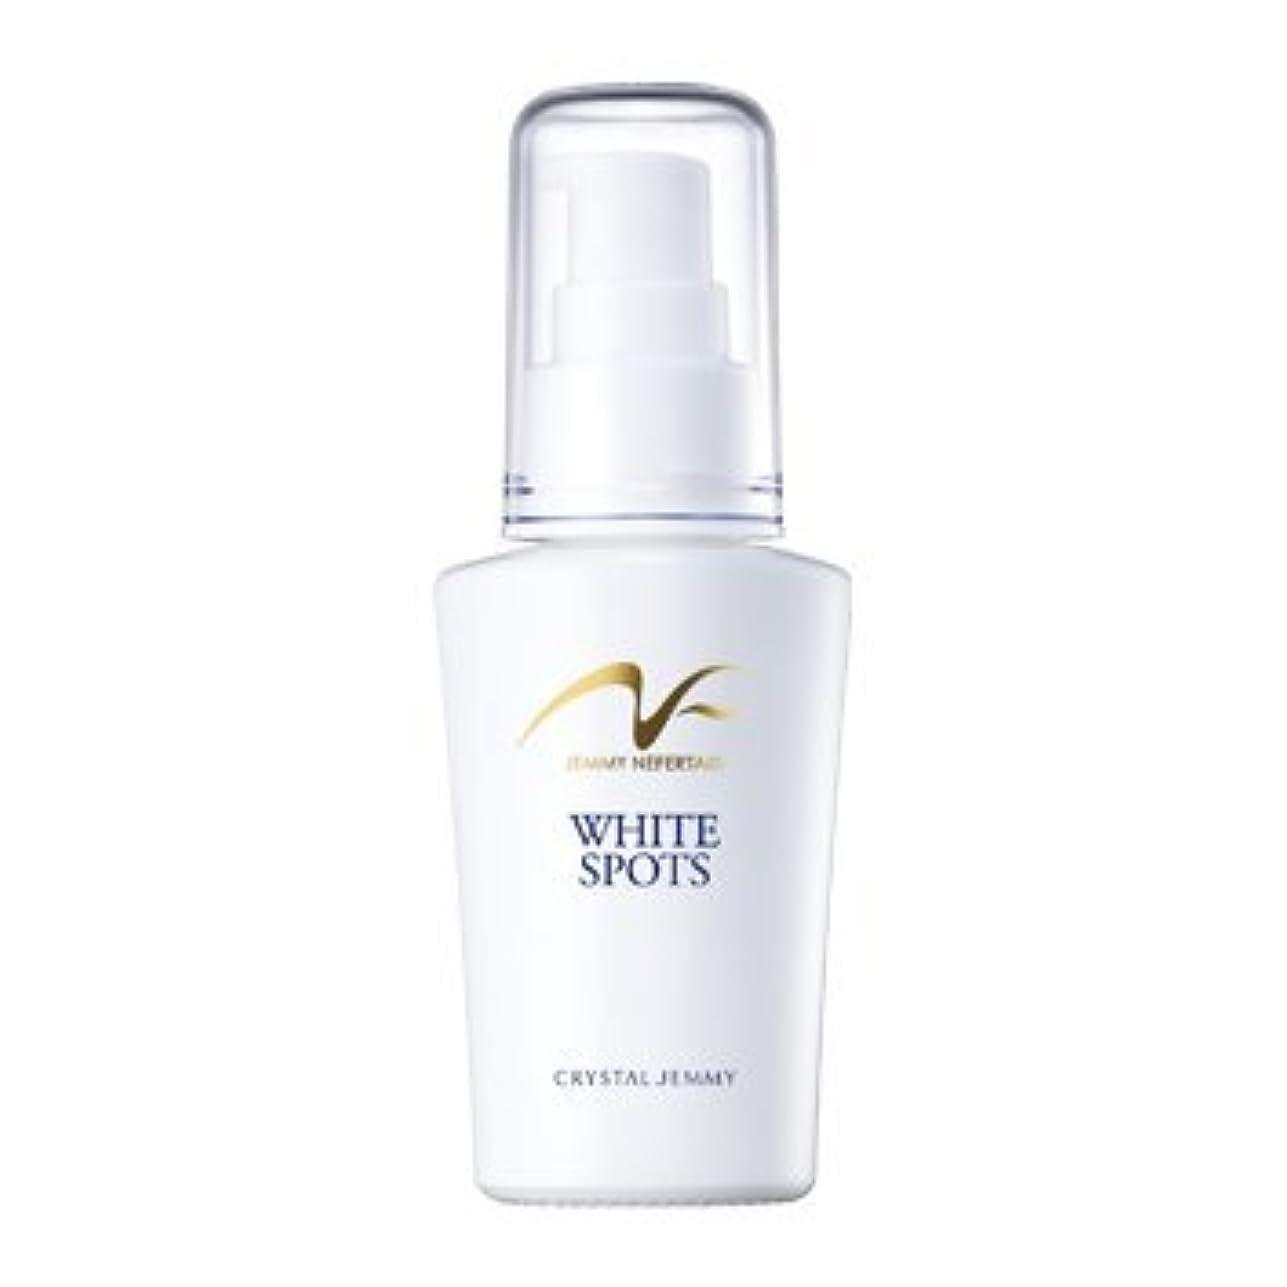 フォーラム人柄レーダークリスタルジェミー ジェミーネフェルタリ薬用ホワイトスポッツ 美容液 美白 集中 シミ 対策